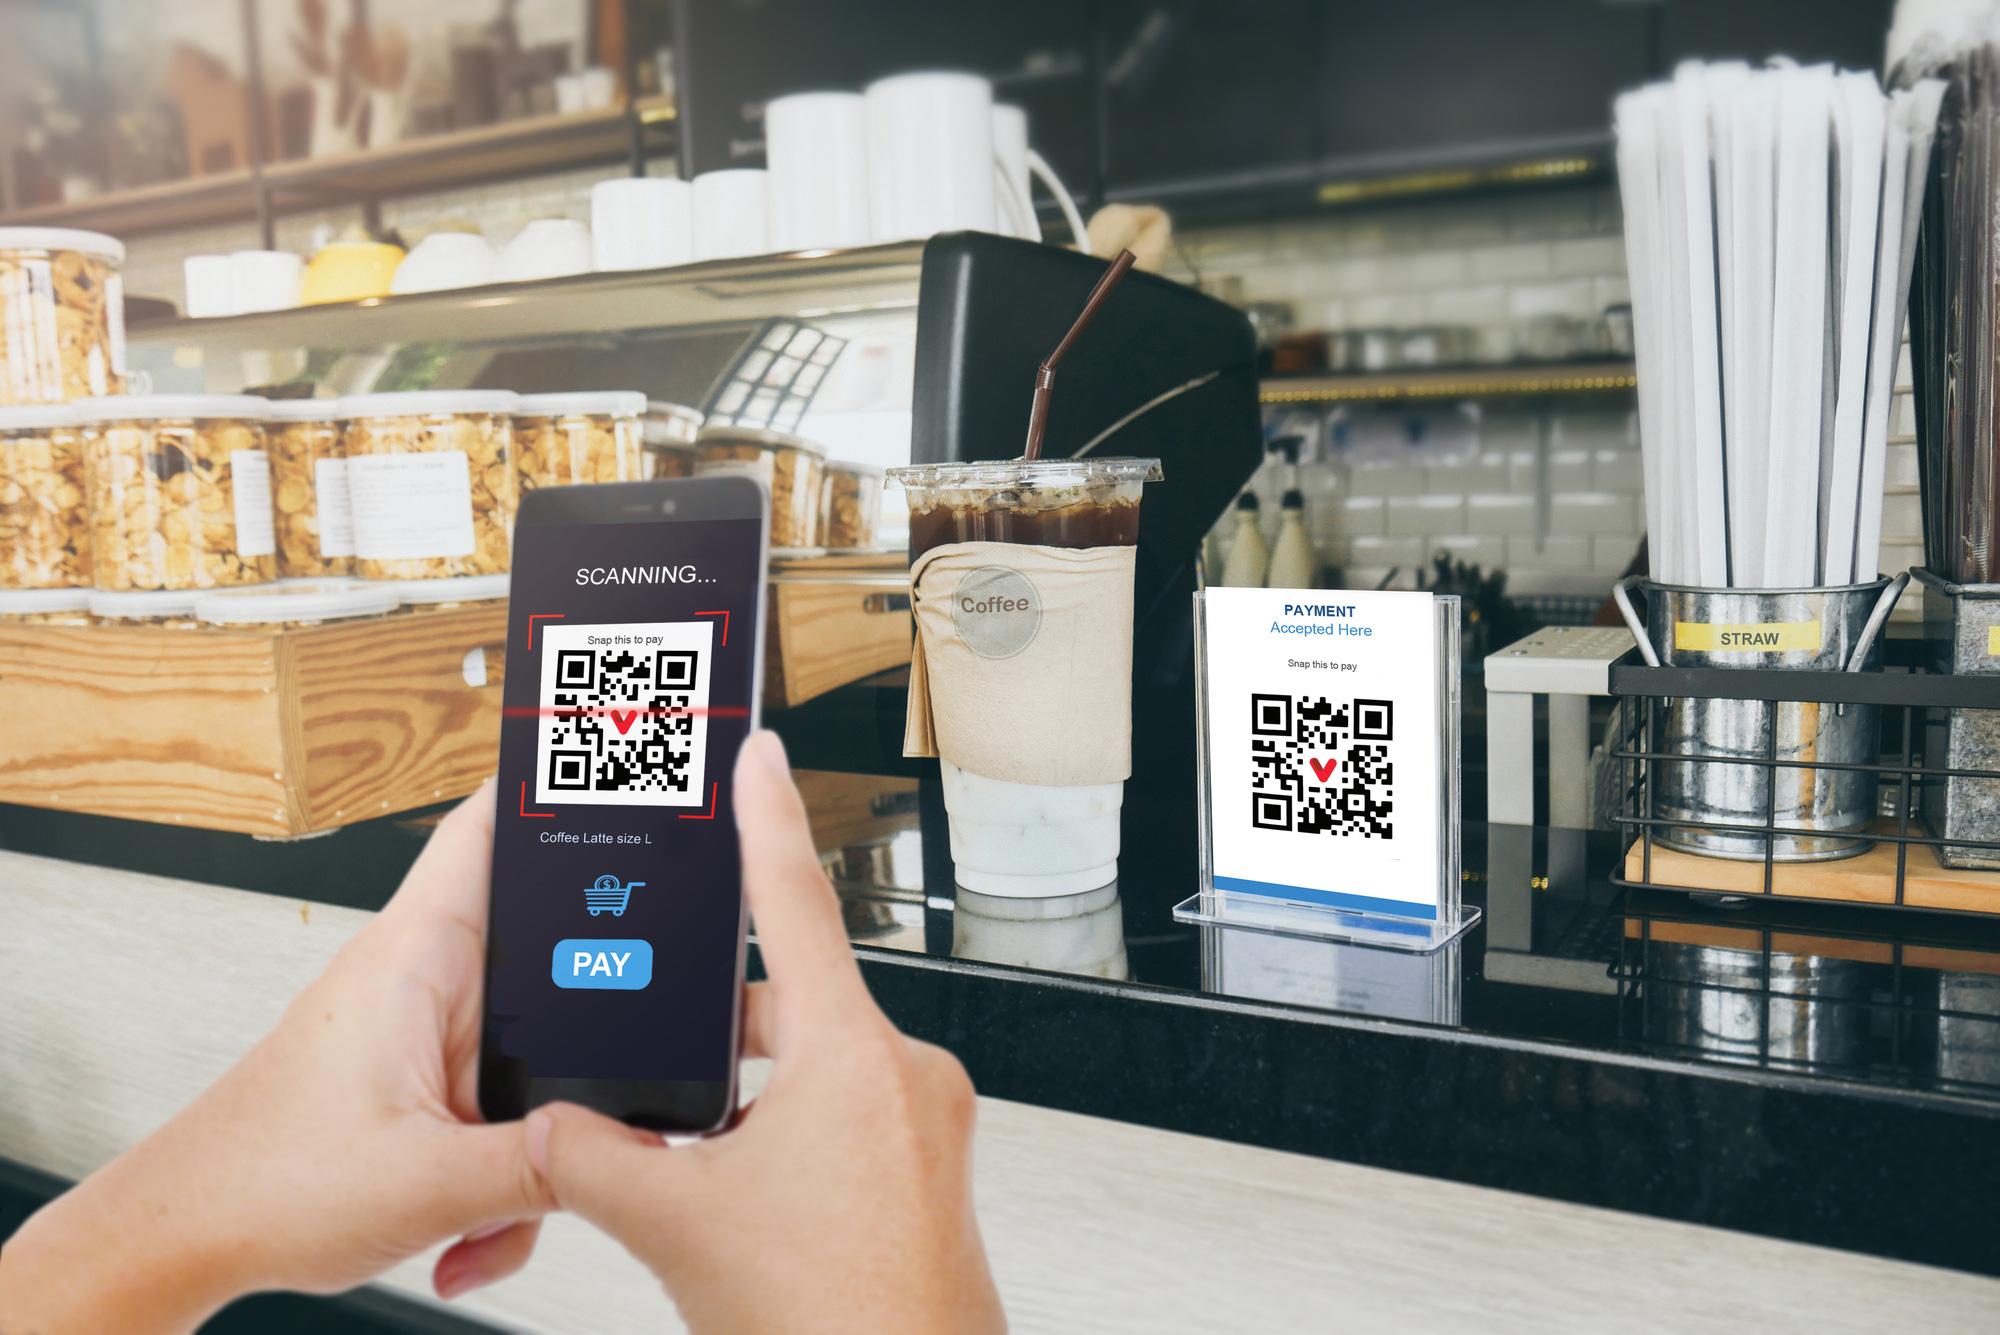 BIDV tiên phong kết nối thành công dịch vụ thanh toán QR CODE với Thái Lan - Ảnh 1.